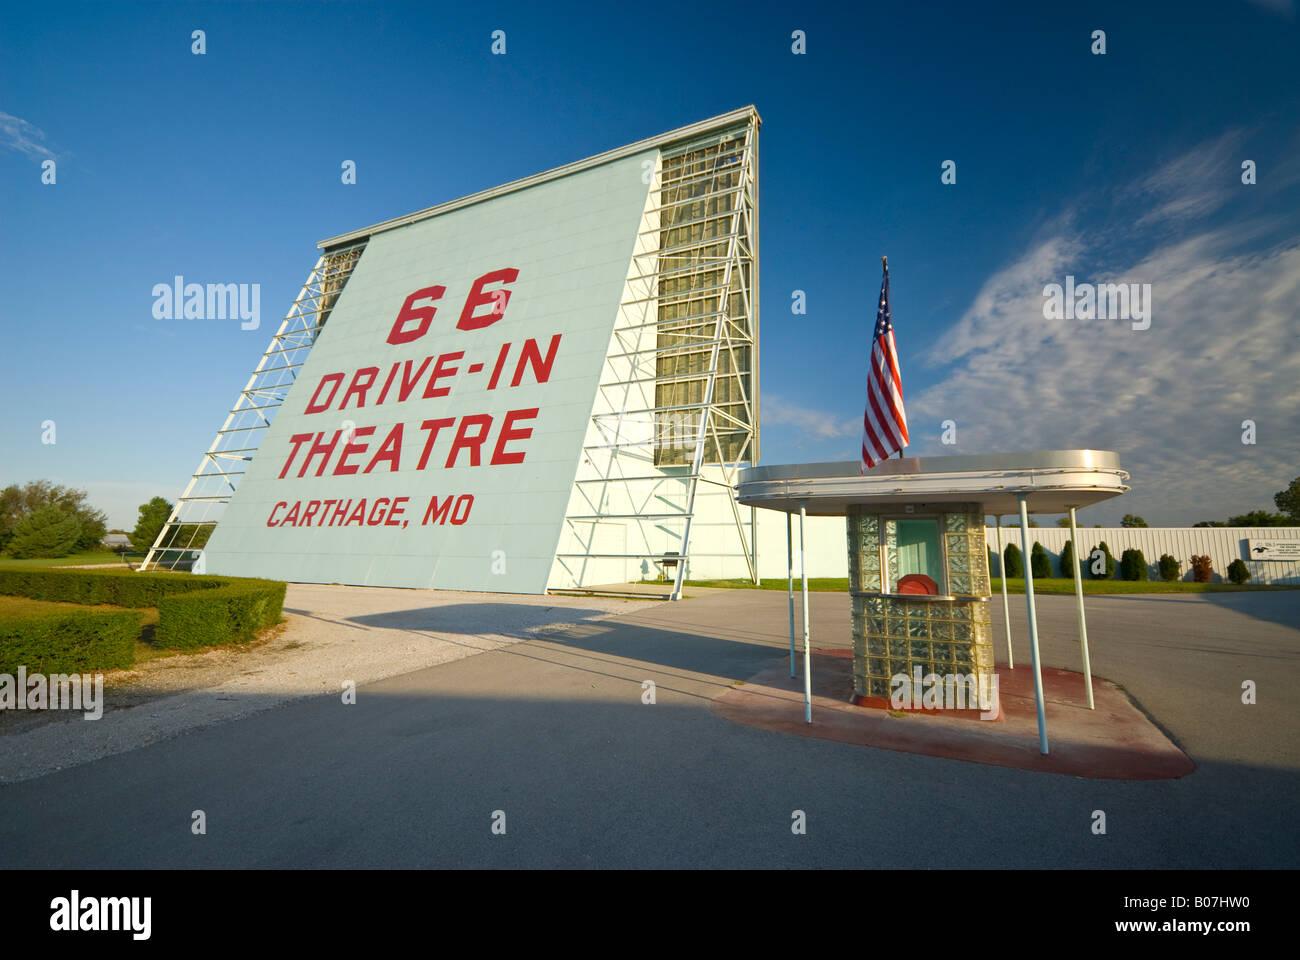 Stati Uniti d'America, Missouri, Route 66, Cartagine cinema drive-in Immagini Stock